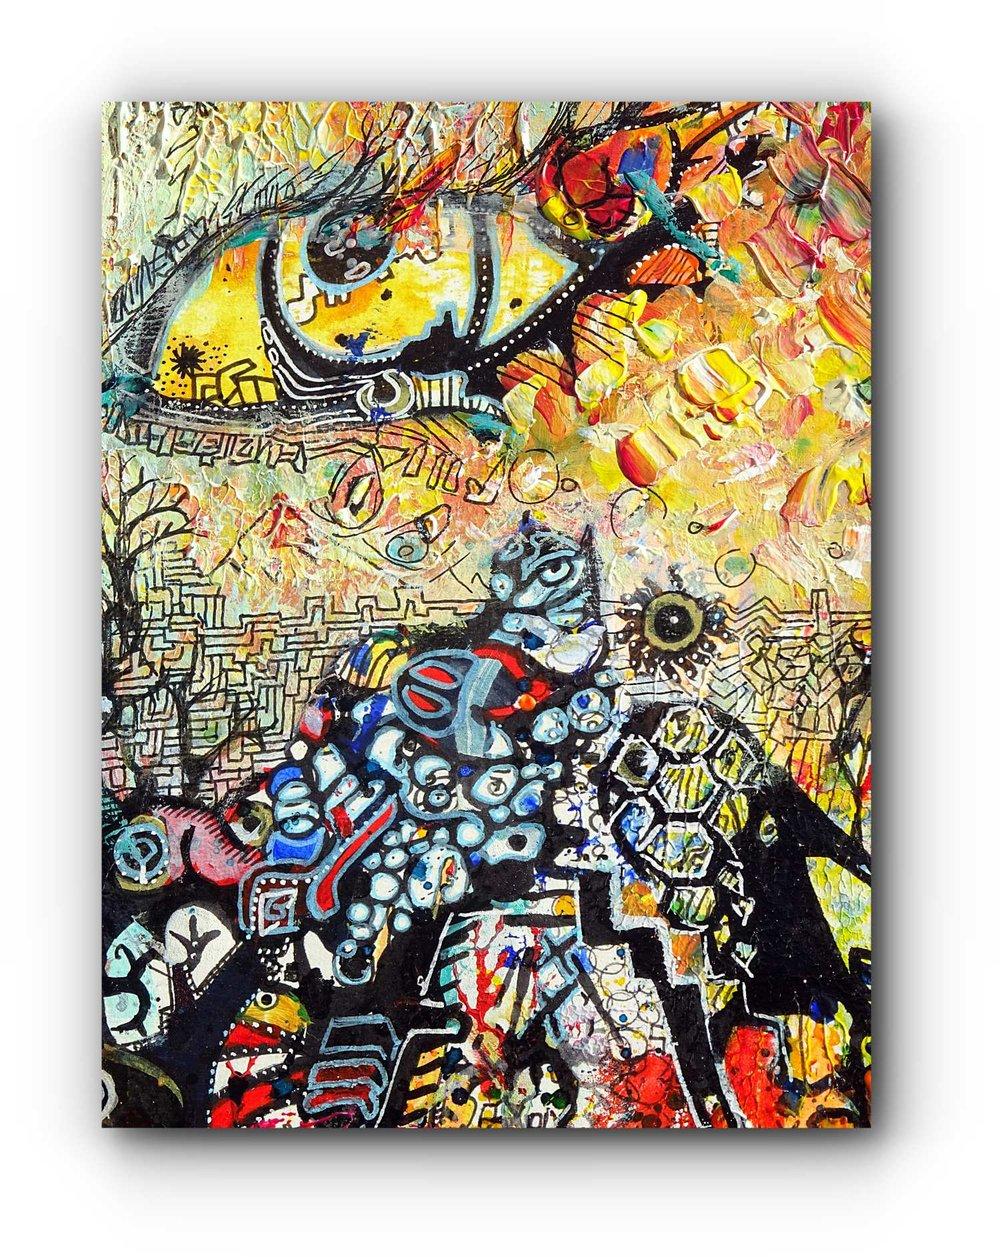 painting-detail-5-medeina-artist-duo-ingress-vortices.jpg